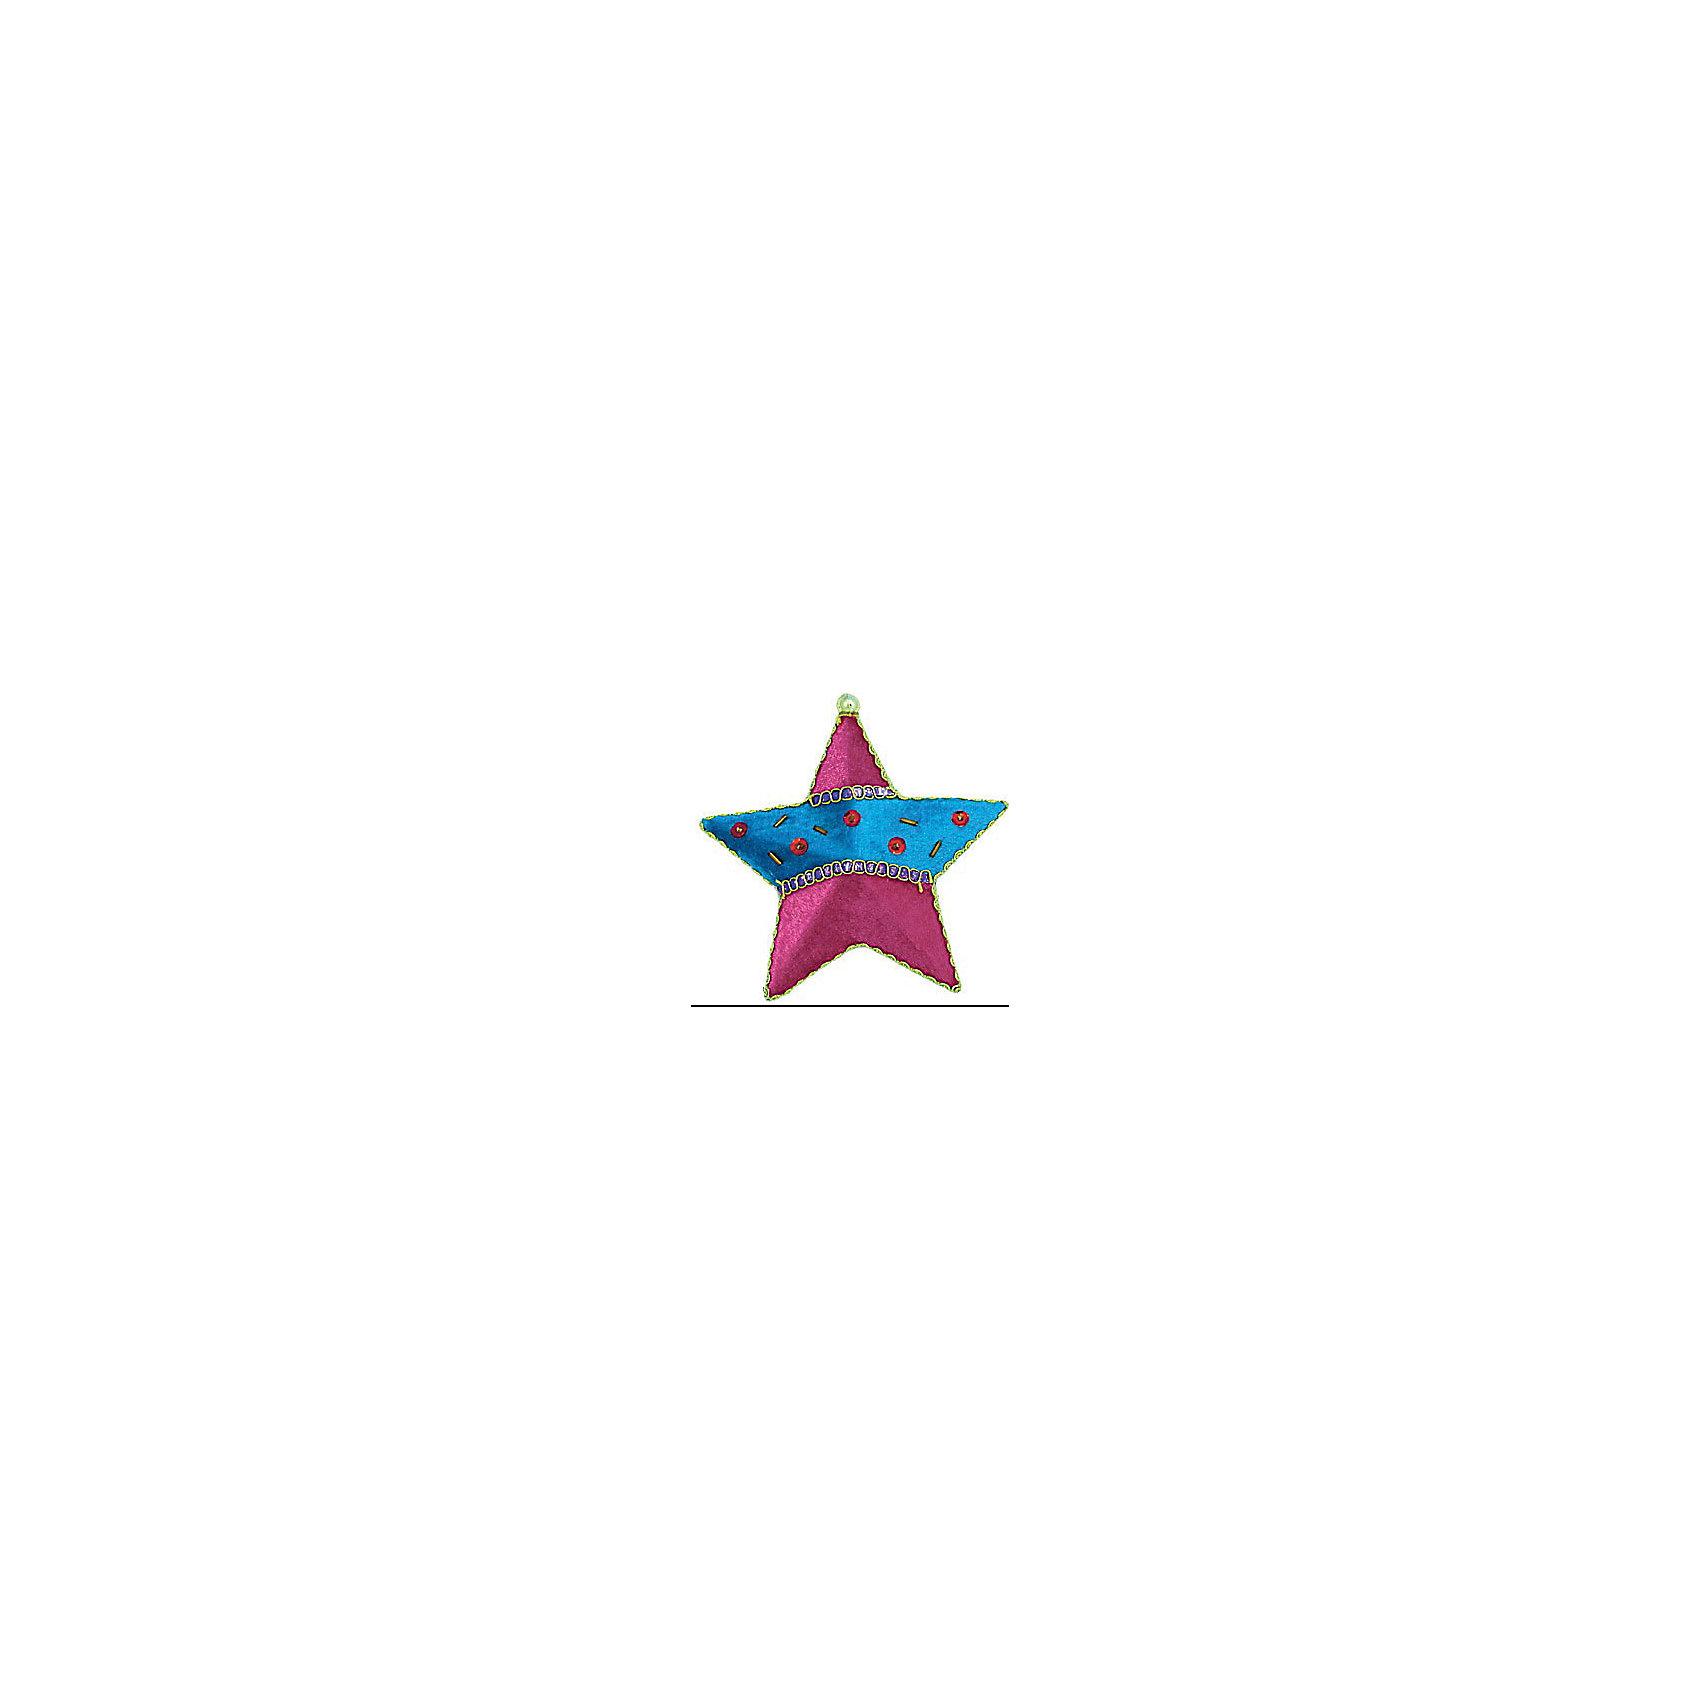 Marko Ferenzo Украшение  Детский: звезда флок, 13 см marko ferenzo набор желудей 3 шт grande 4 см золотой